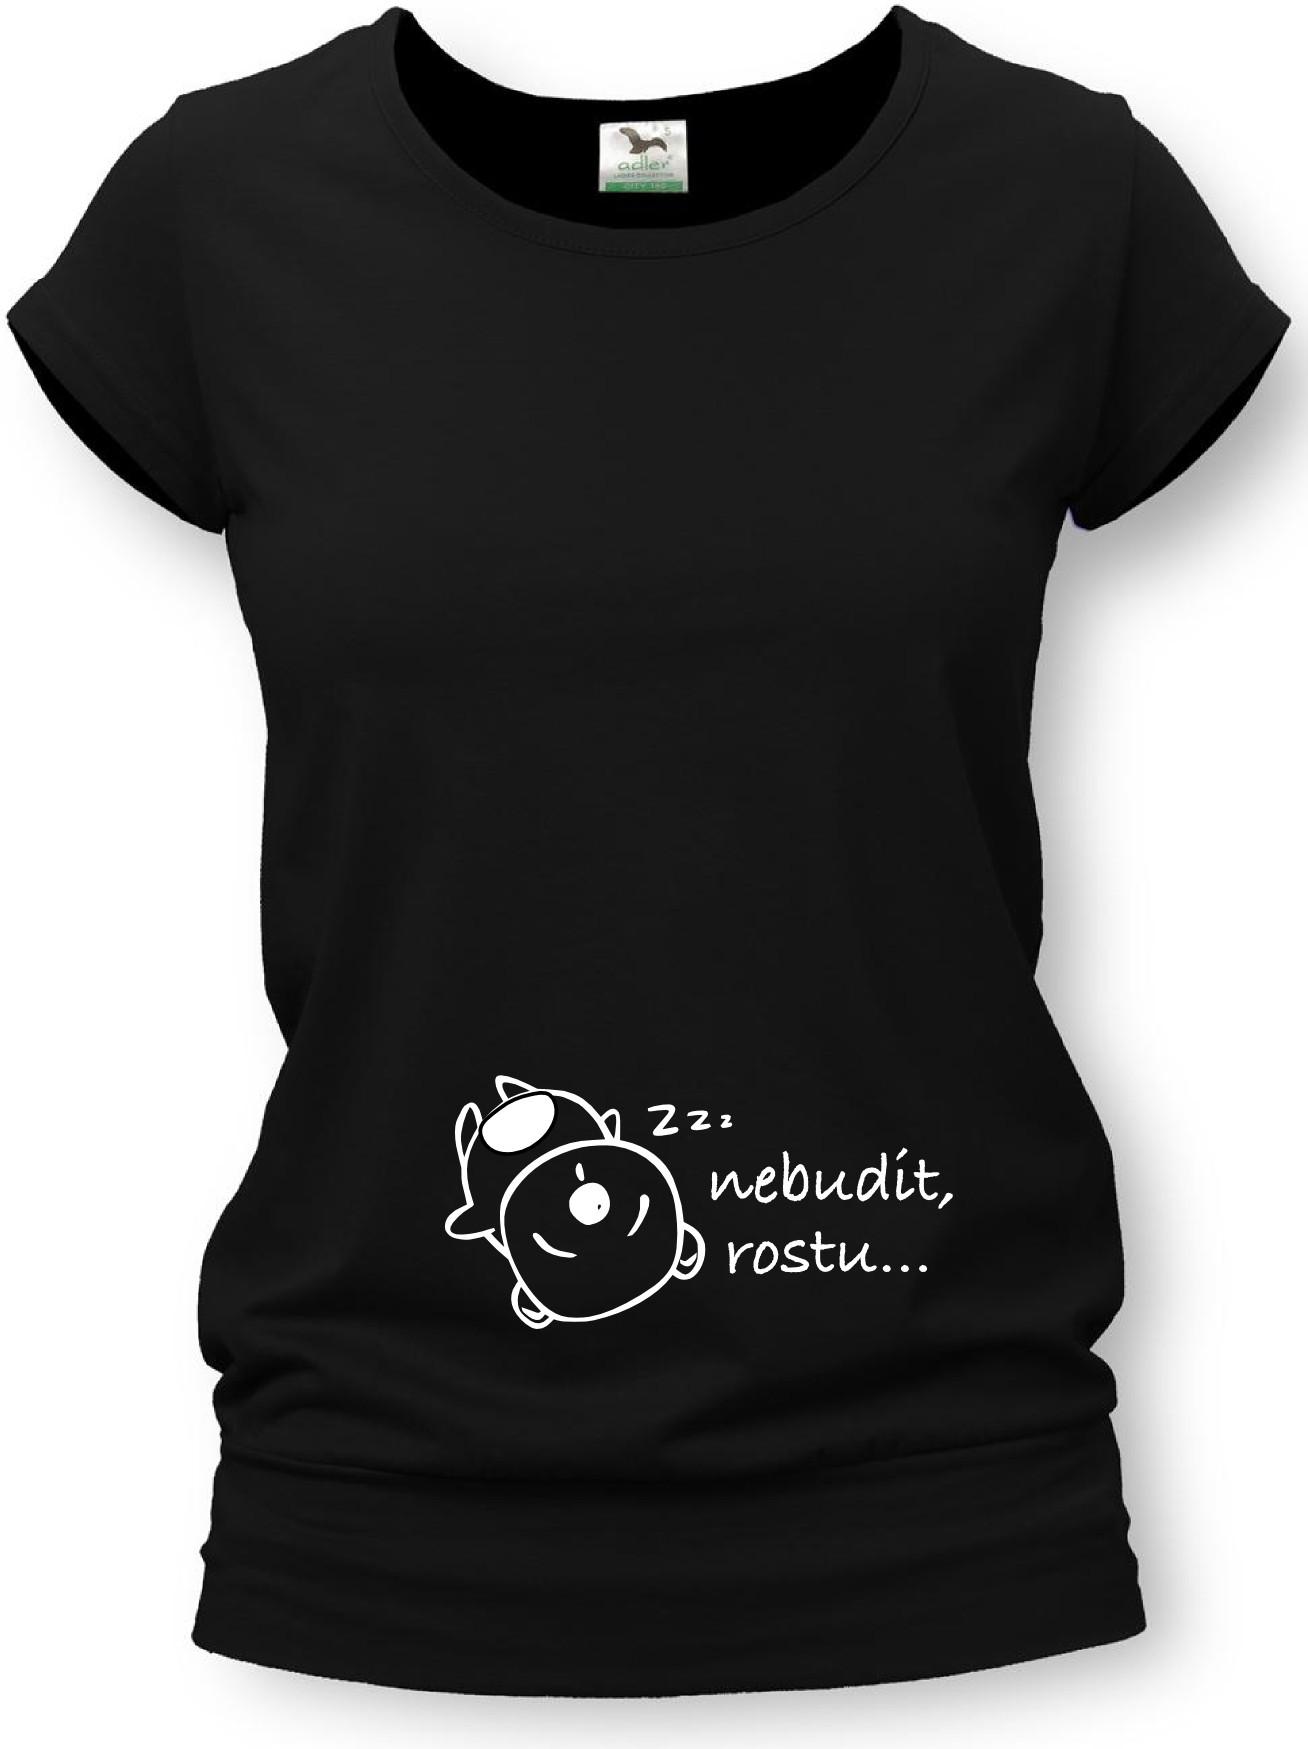 b8a2ffe64822 Těhotenské tričko s potiskem - nebudit (bílá)   Zboží prodejce ...